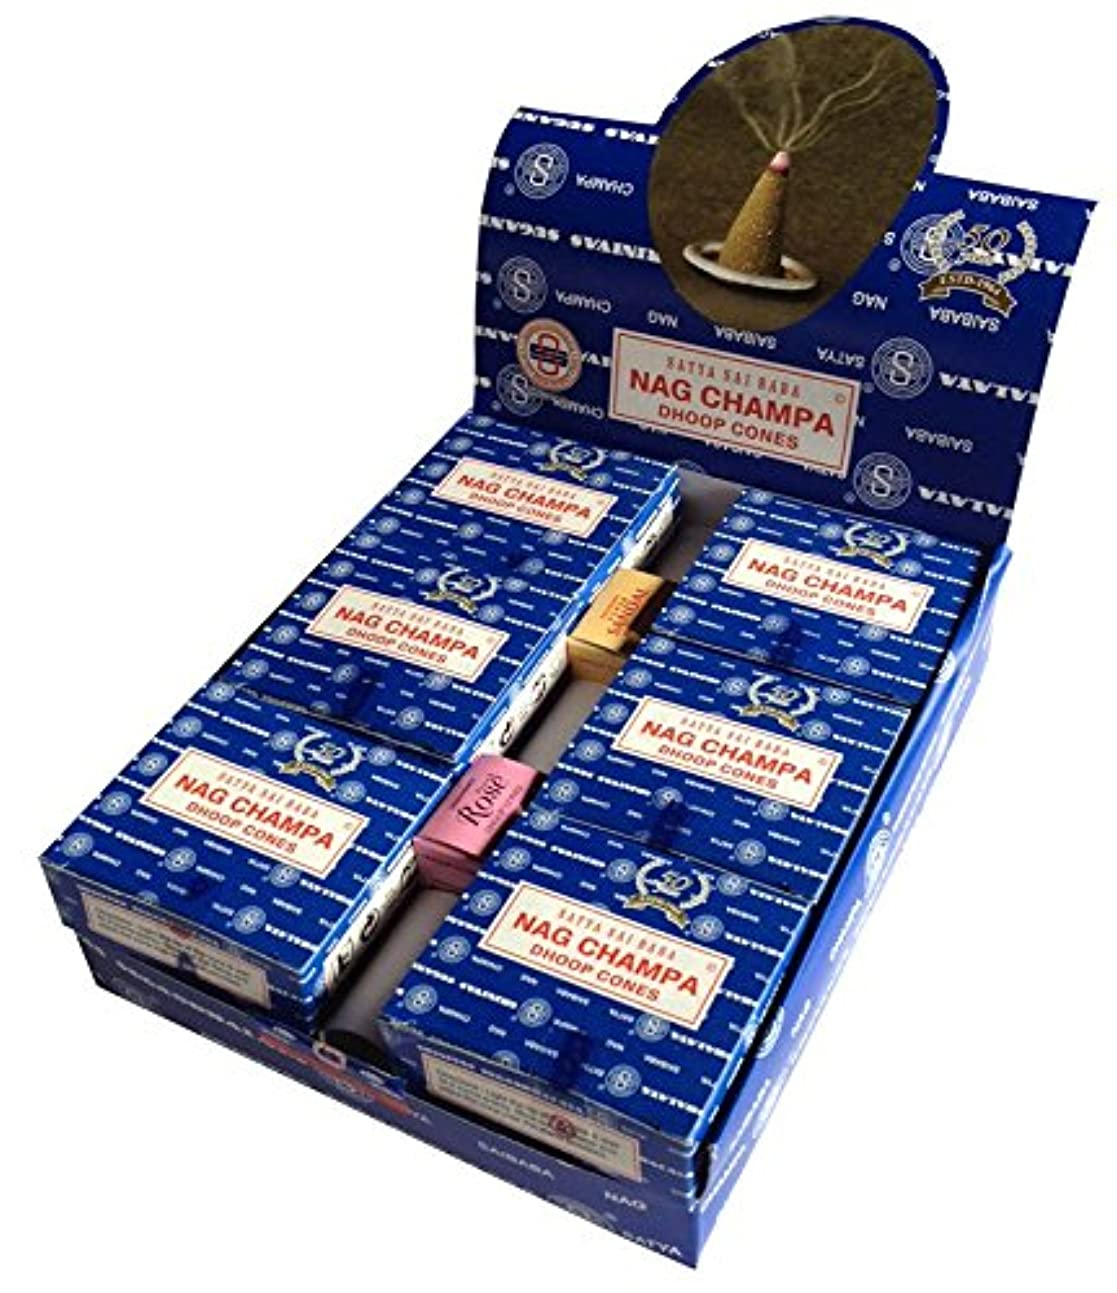 箱言うまでもなくハブブSATYA サイババナグチャンパ コーン 12個セット